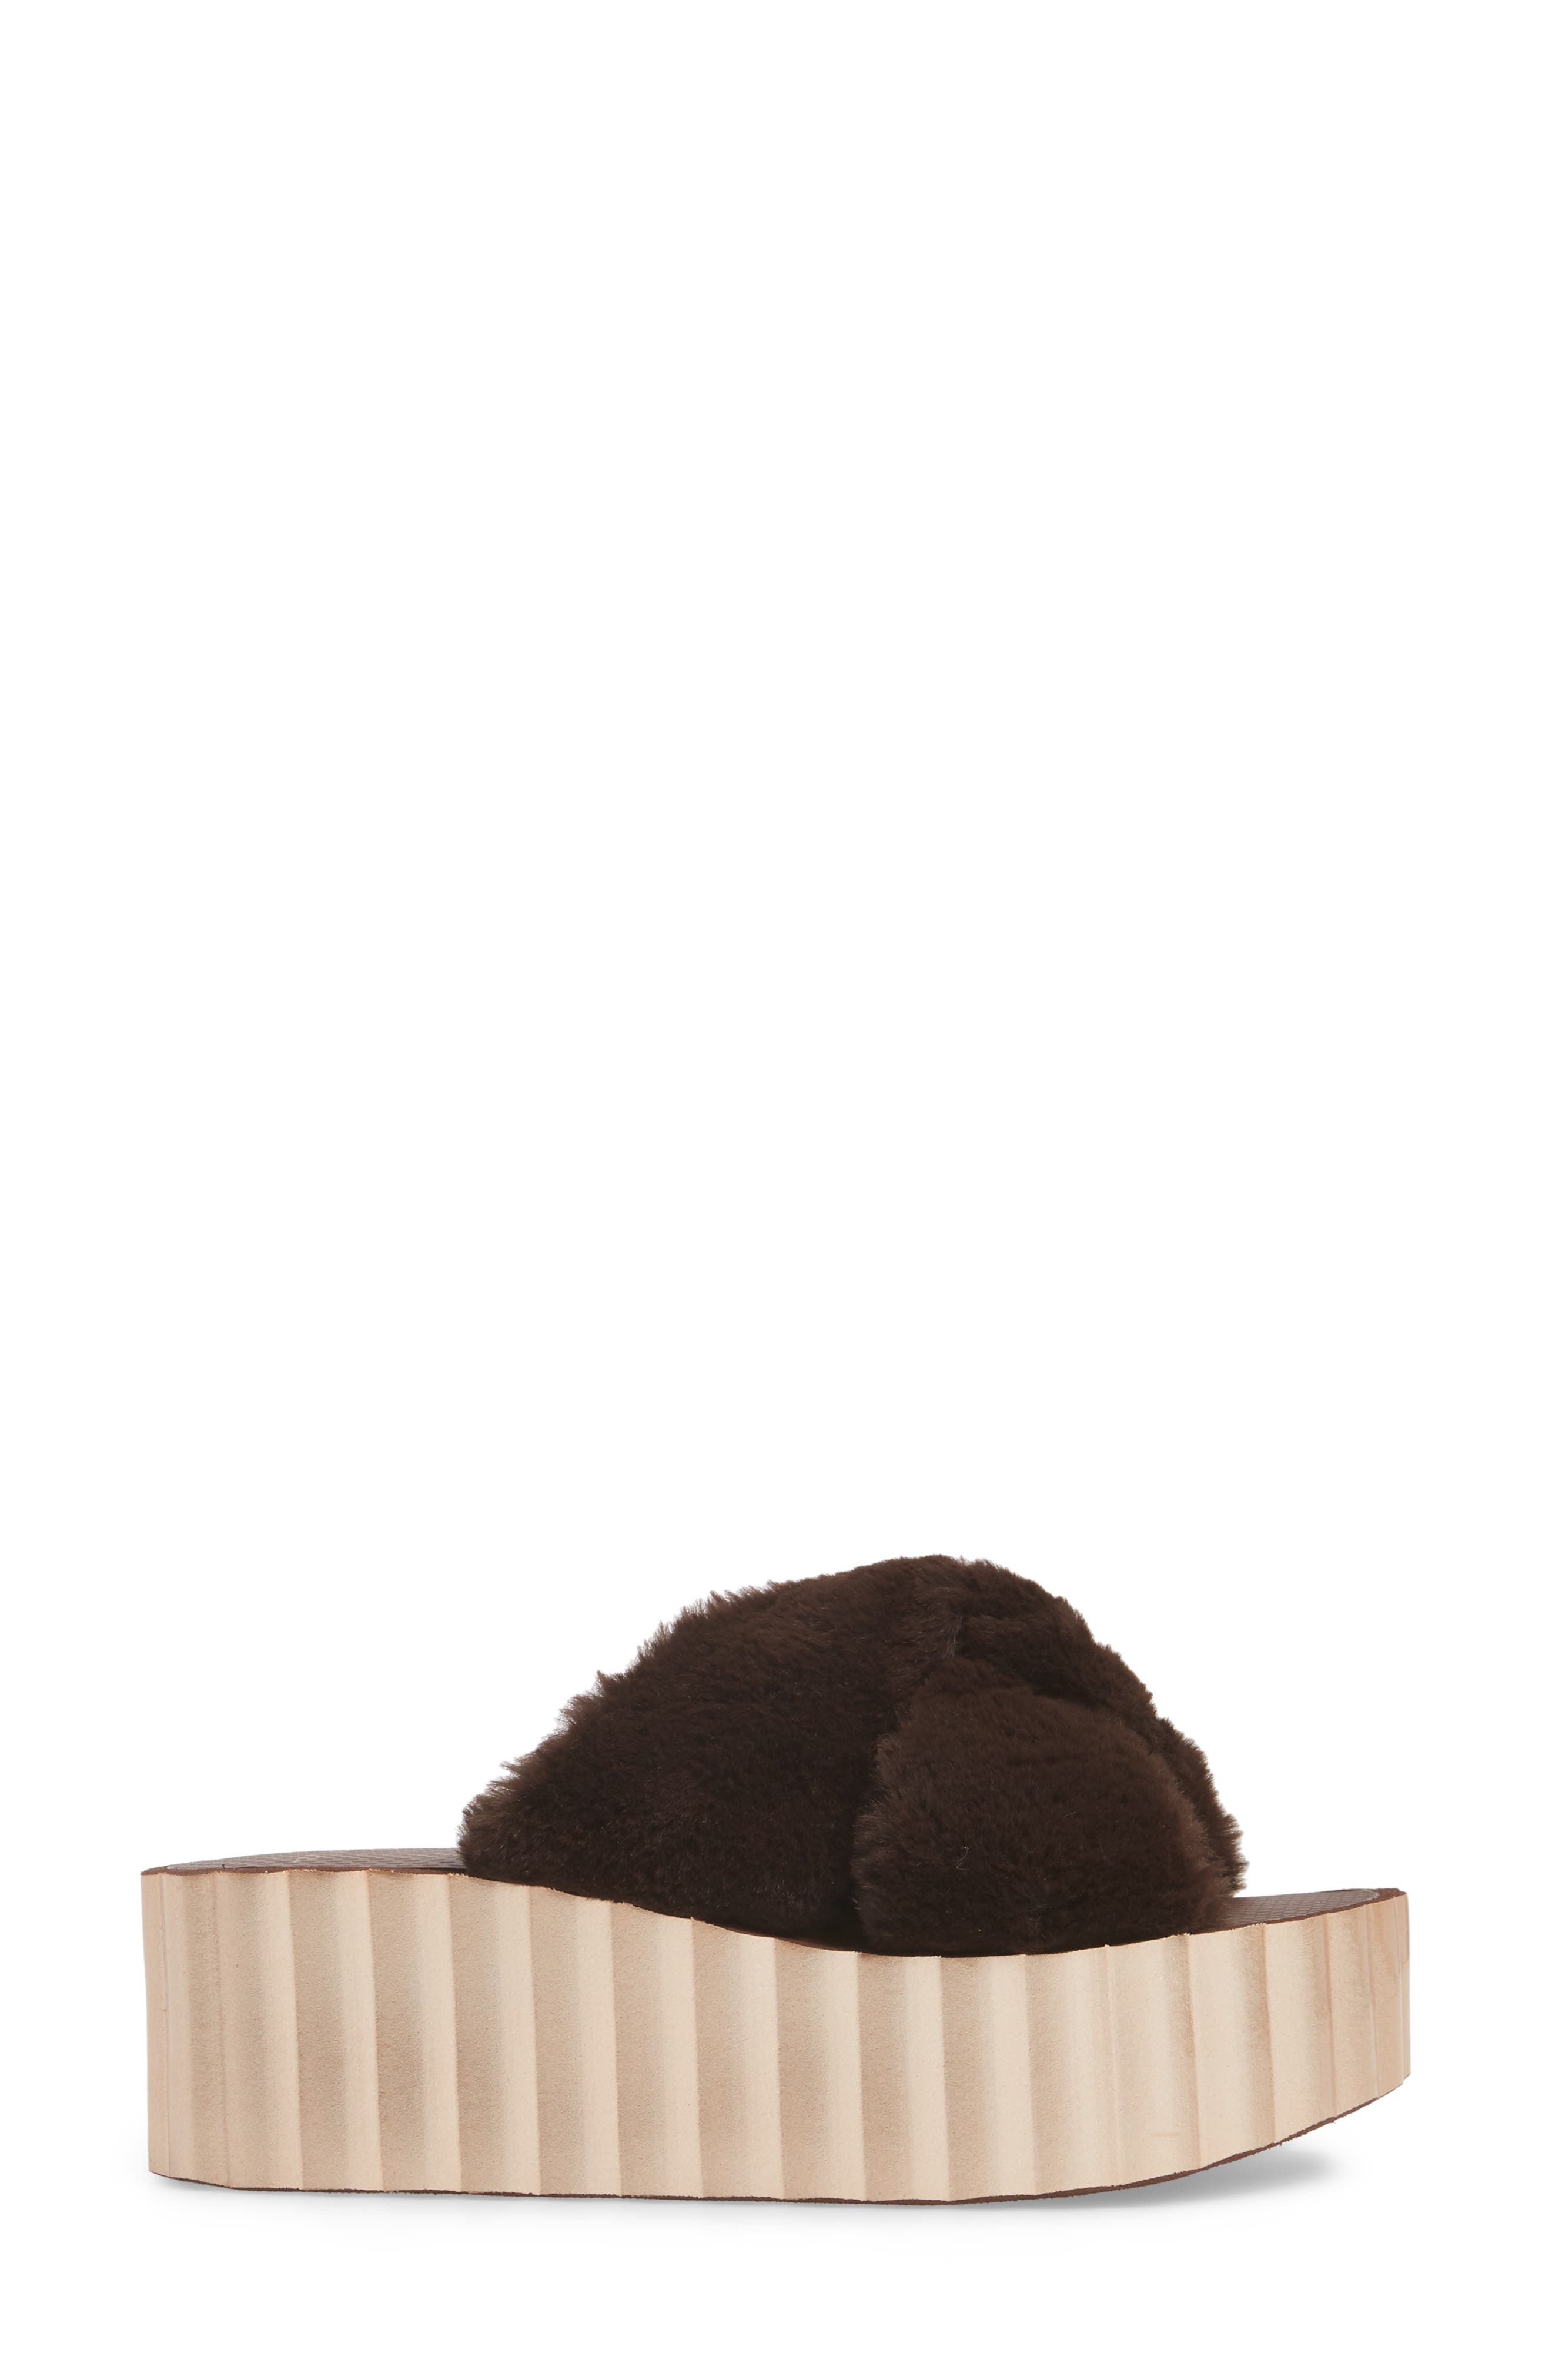 TORY BURCH,                             Faux Fur Scallop Platform Slide Sandal,                             Alternate thumbnail 3, color,                             207